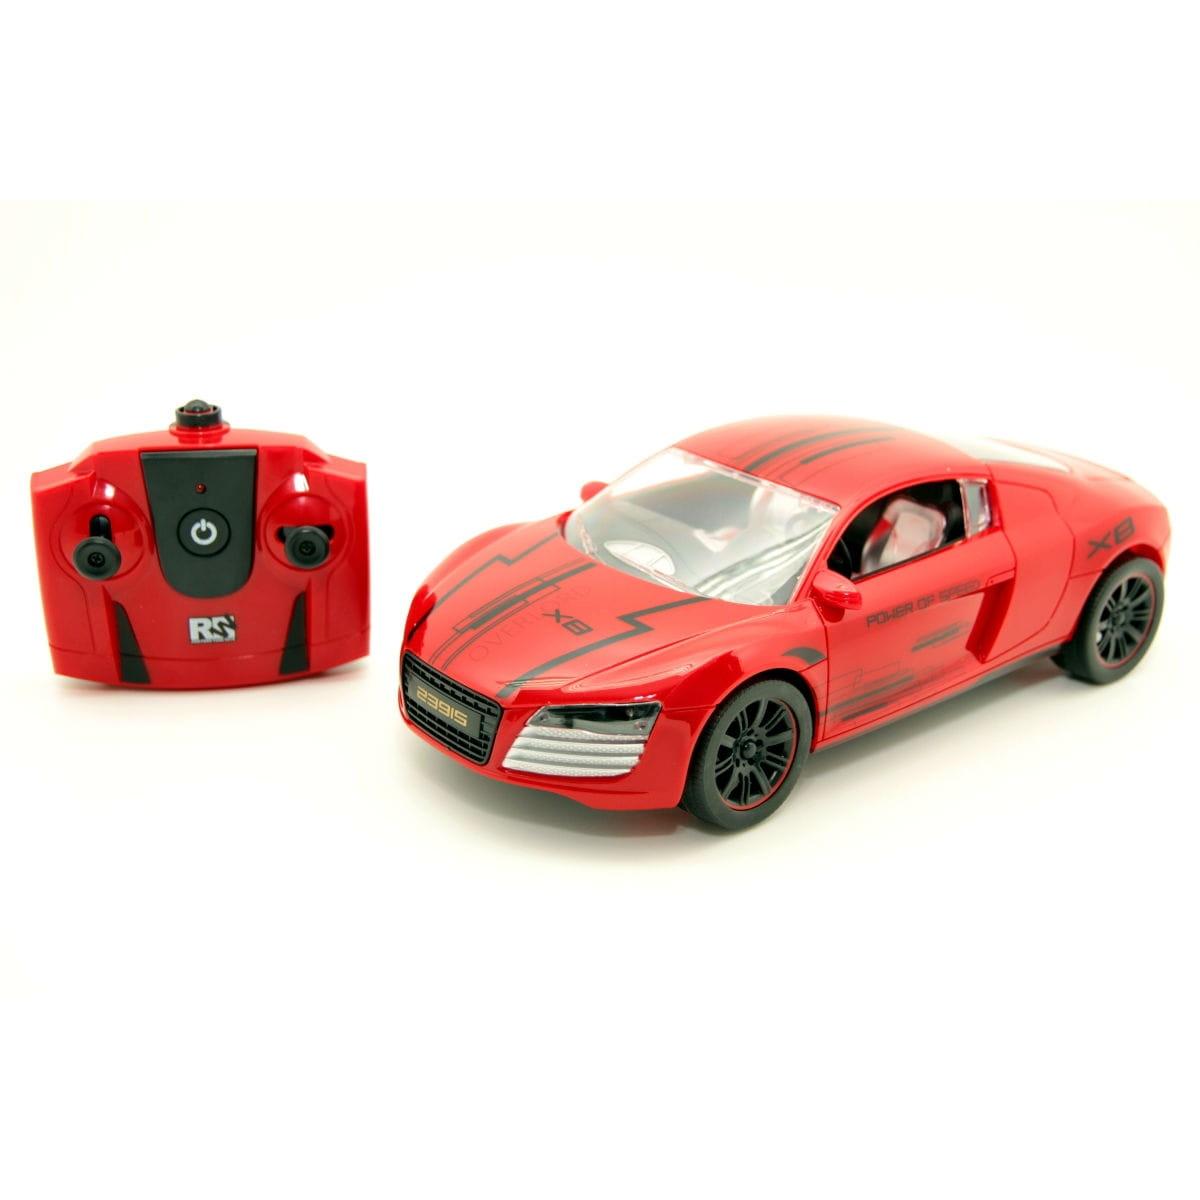 Радиоуправляемый спорткар Balbi 1:16  красный - Радиоуправляемые игрушки